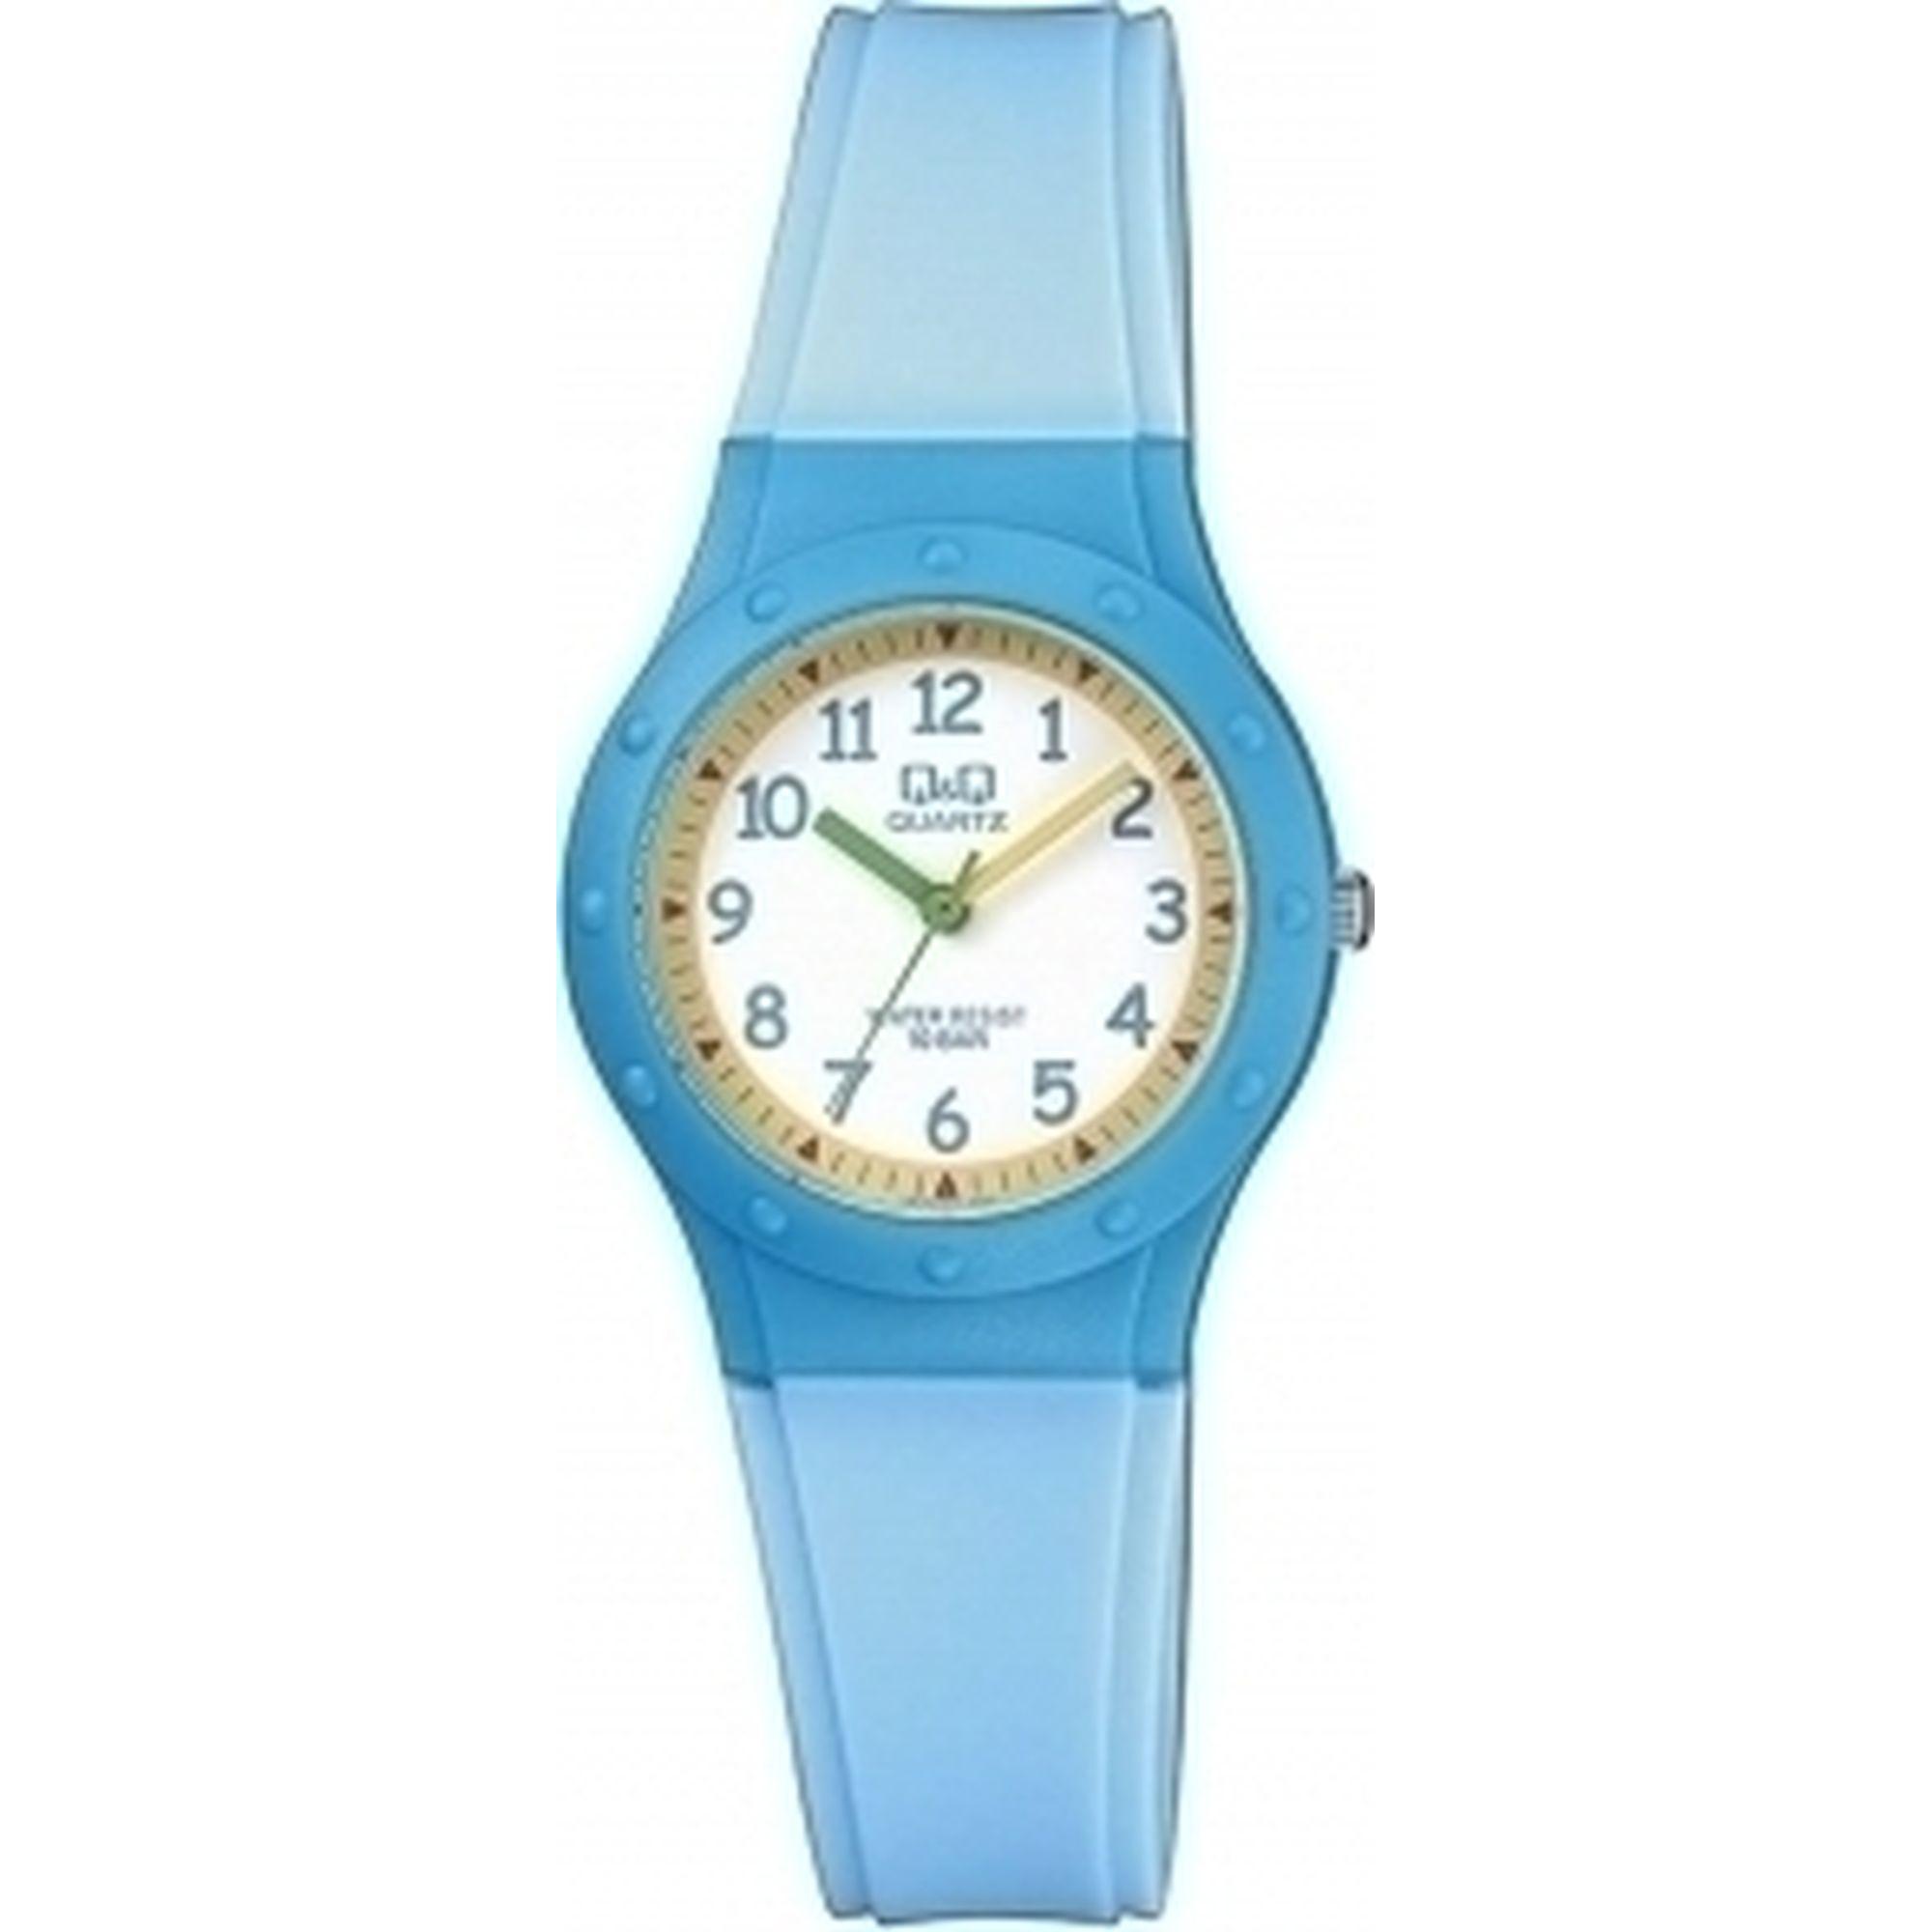 Q&Q ρολόι με Γαλάζιο Χρώμα Λουράκι VR75J001